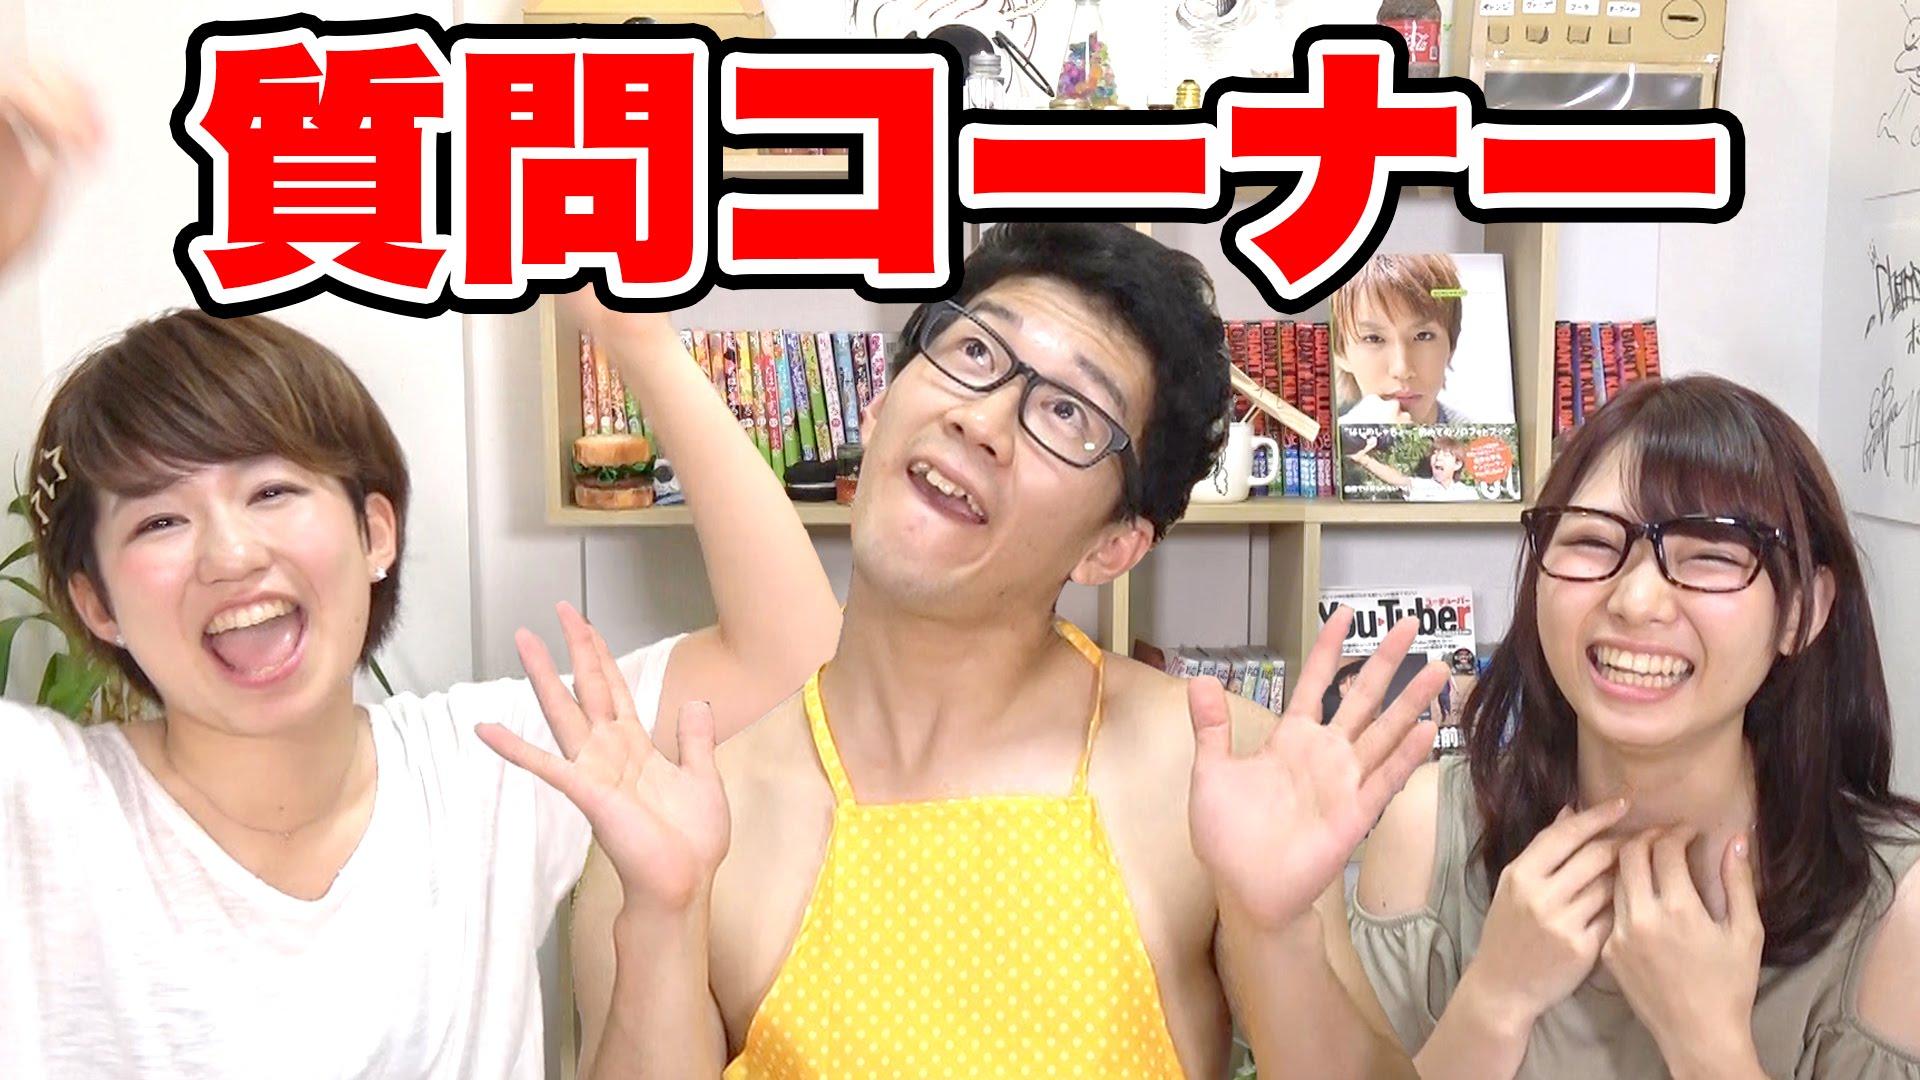 【質問コーナー】大暴れ!?ボンボンTV初めての質問コーナー!